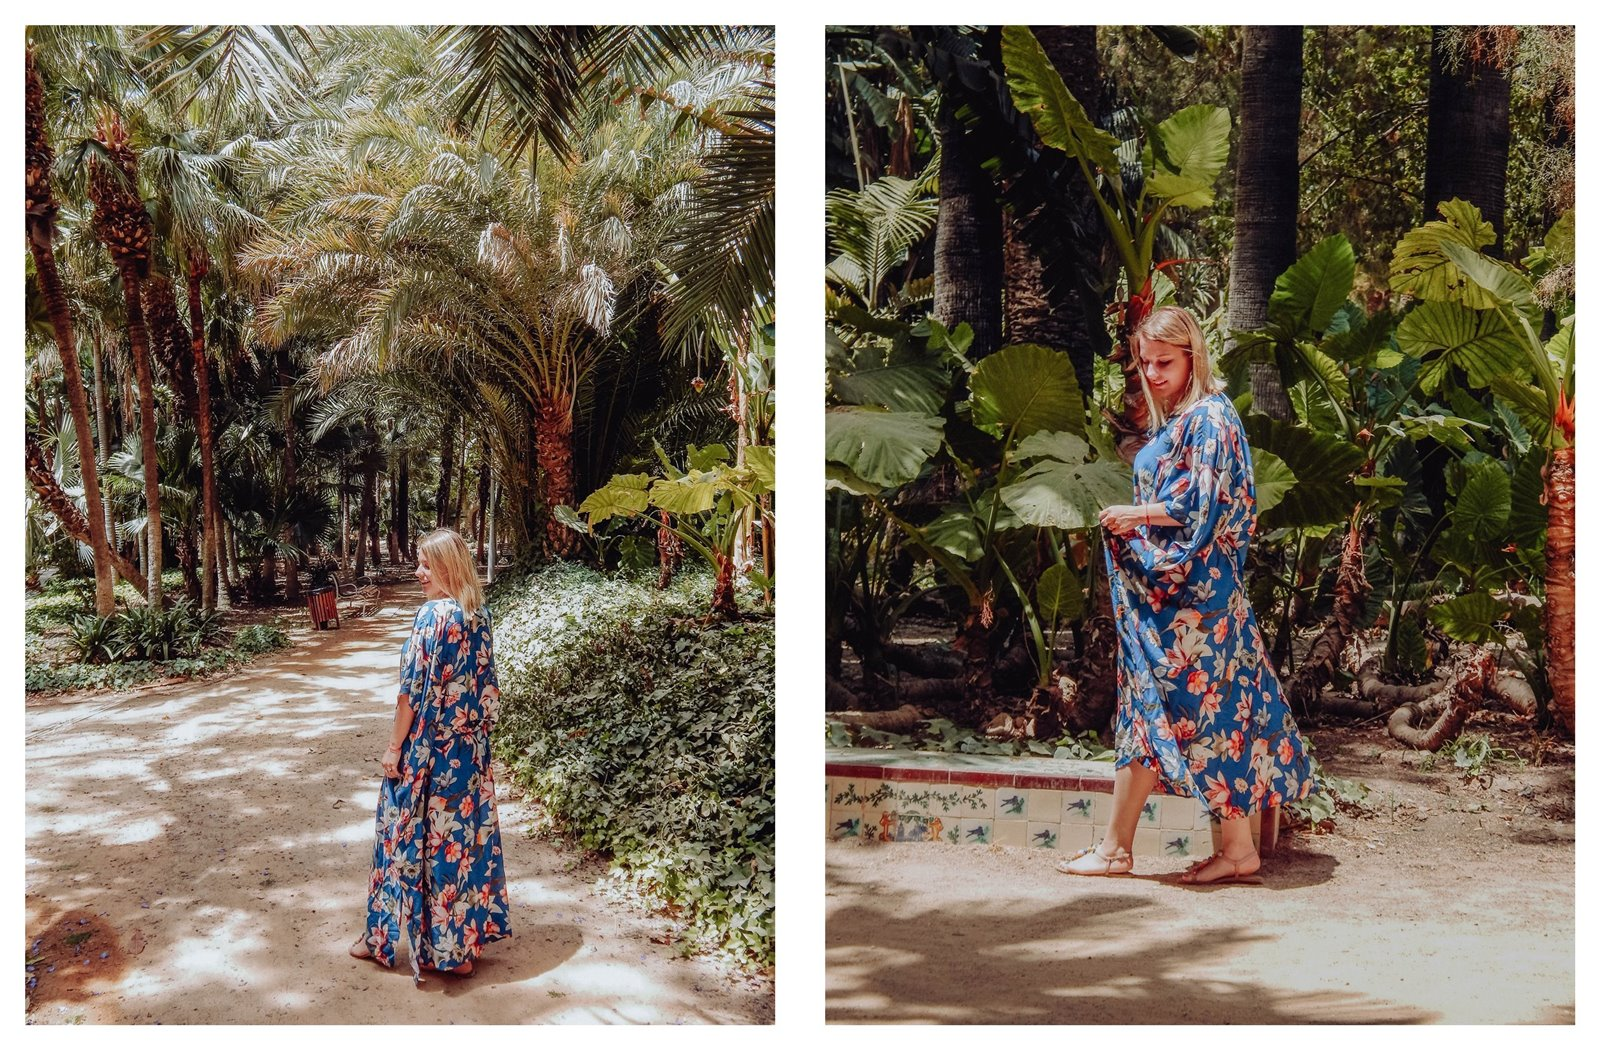 7a polskie młode marki firmy godne uwagi moda modowe marki łódź blog blogerka blogerzy z łodzi fashion zero waste jak żyć ubrania moda stylizacje modnapolka inspiracje sukienka maxi nalu bodywear instagram style melody